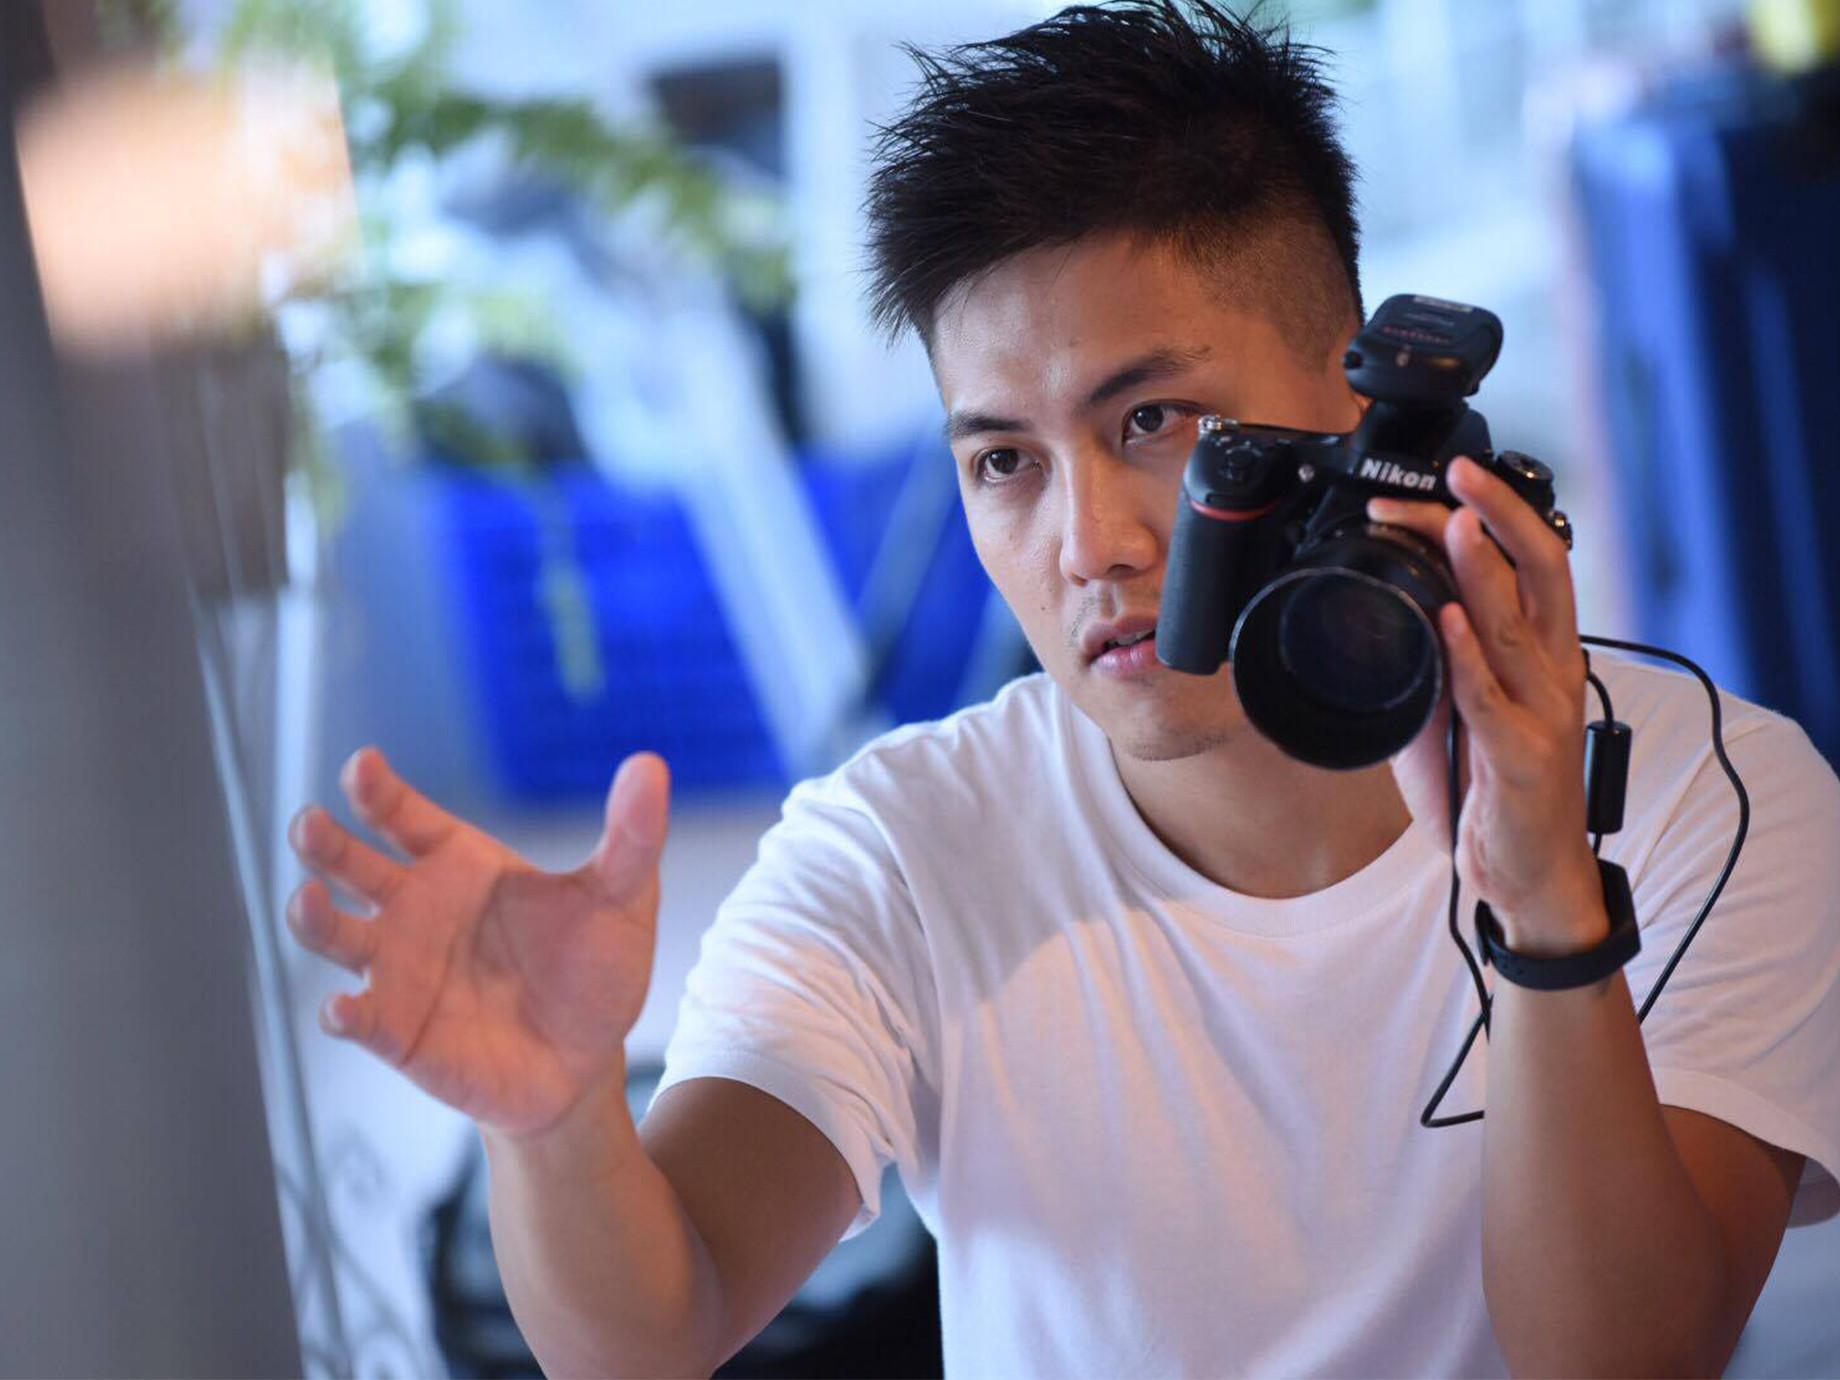 台灣自媒體協會企業報導》走過舊底片年代,「禾品視覺」發展新媒體3大因應之道